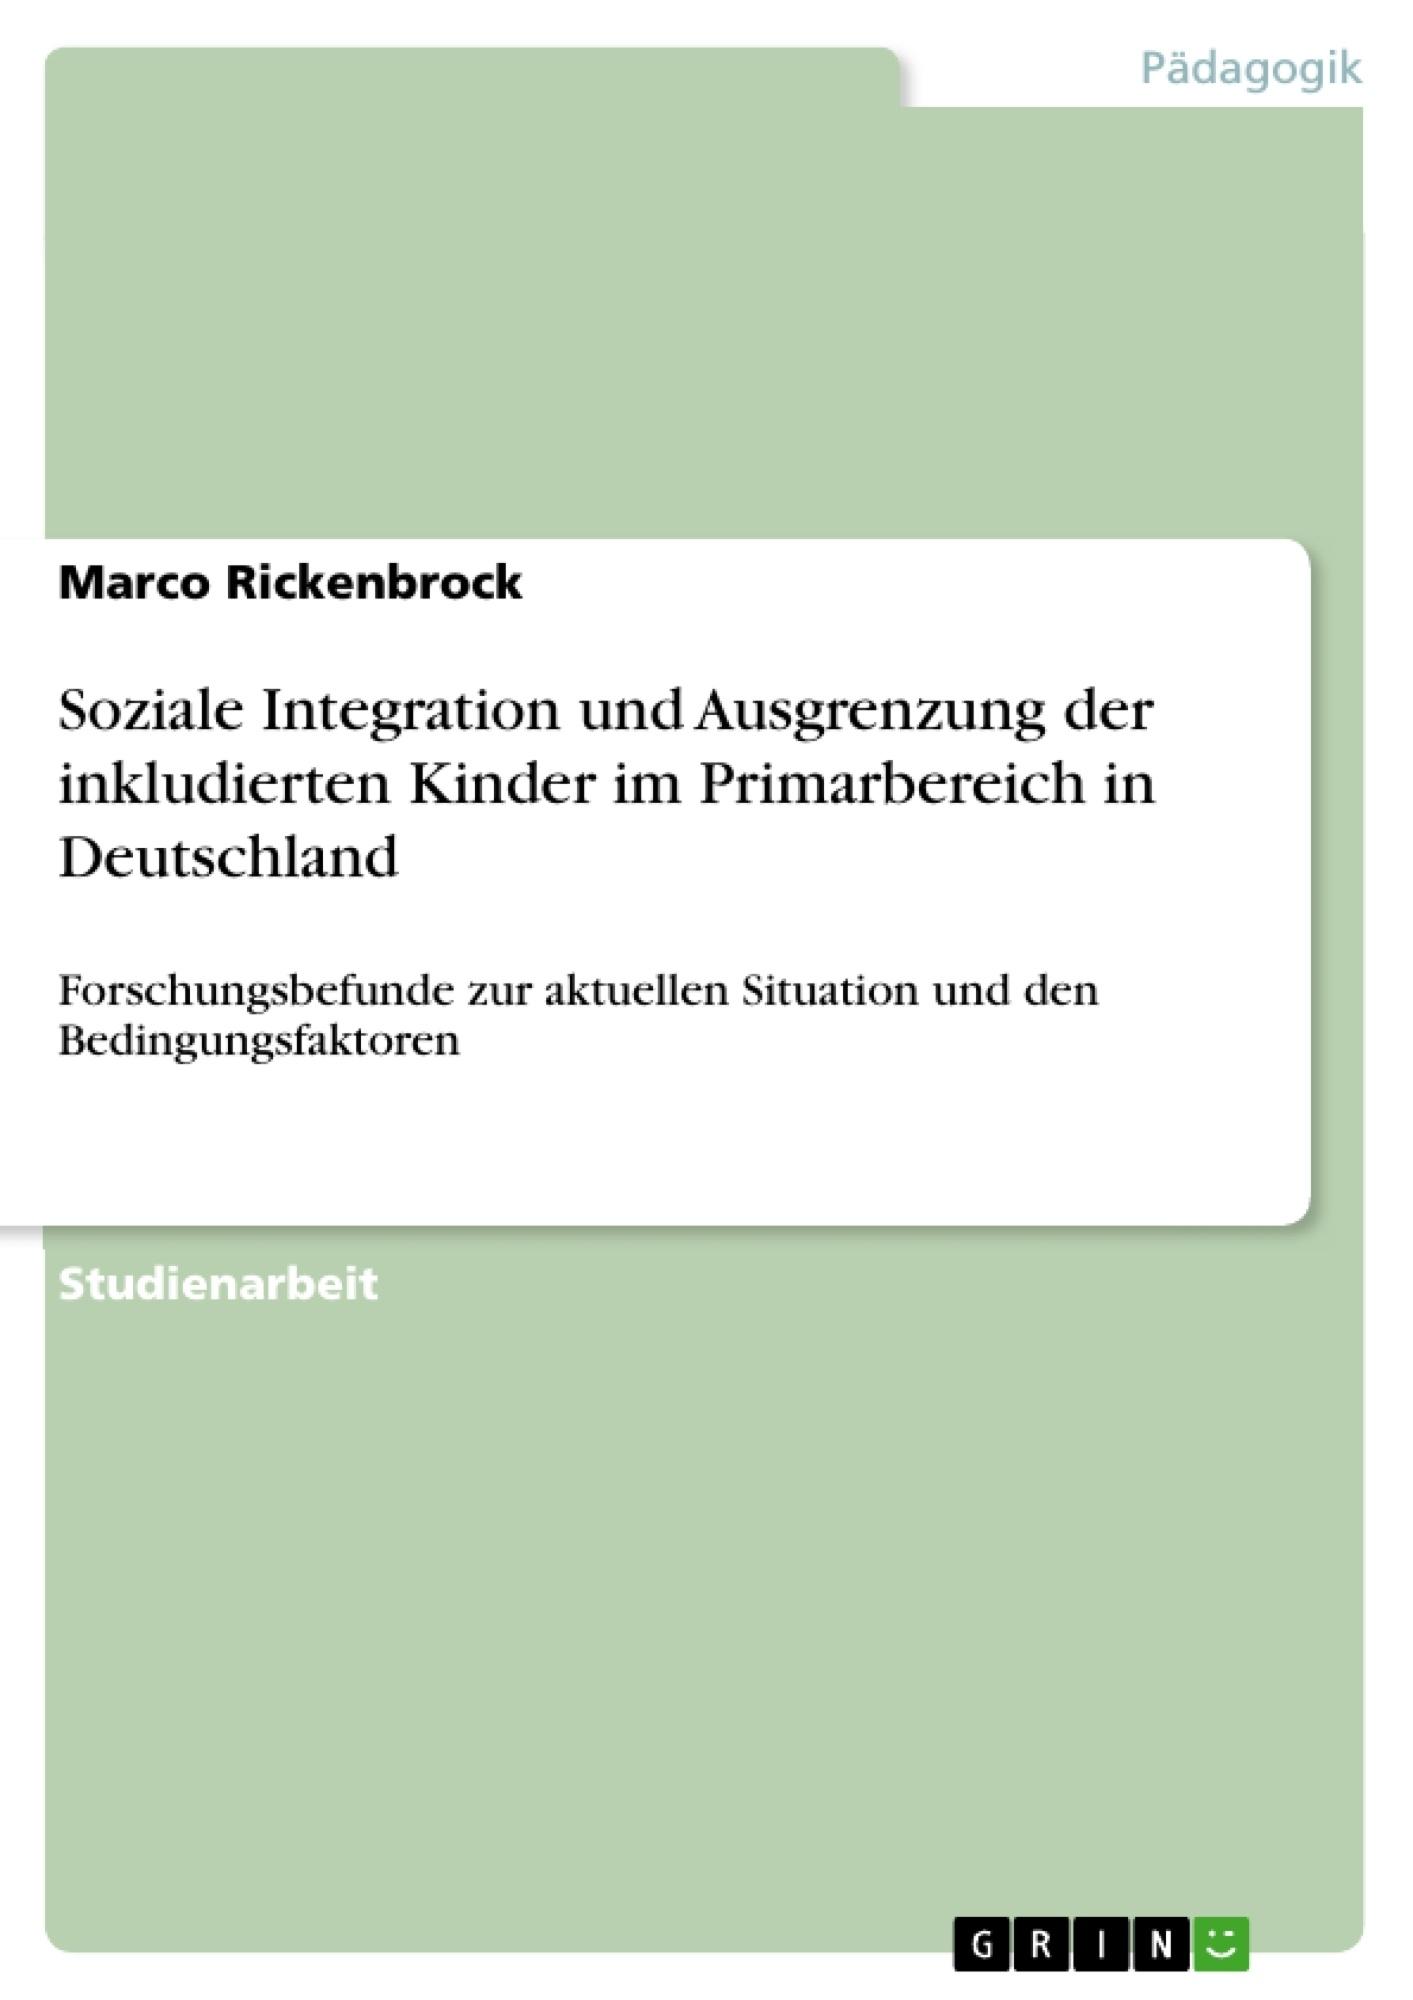 Titel: Soziale Integration und Ausgrenzung der inkludierten Kinder im Primarbereich in Deutschland